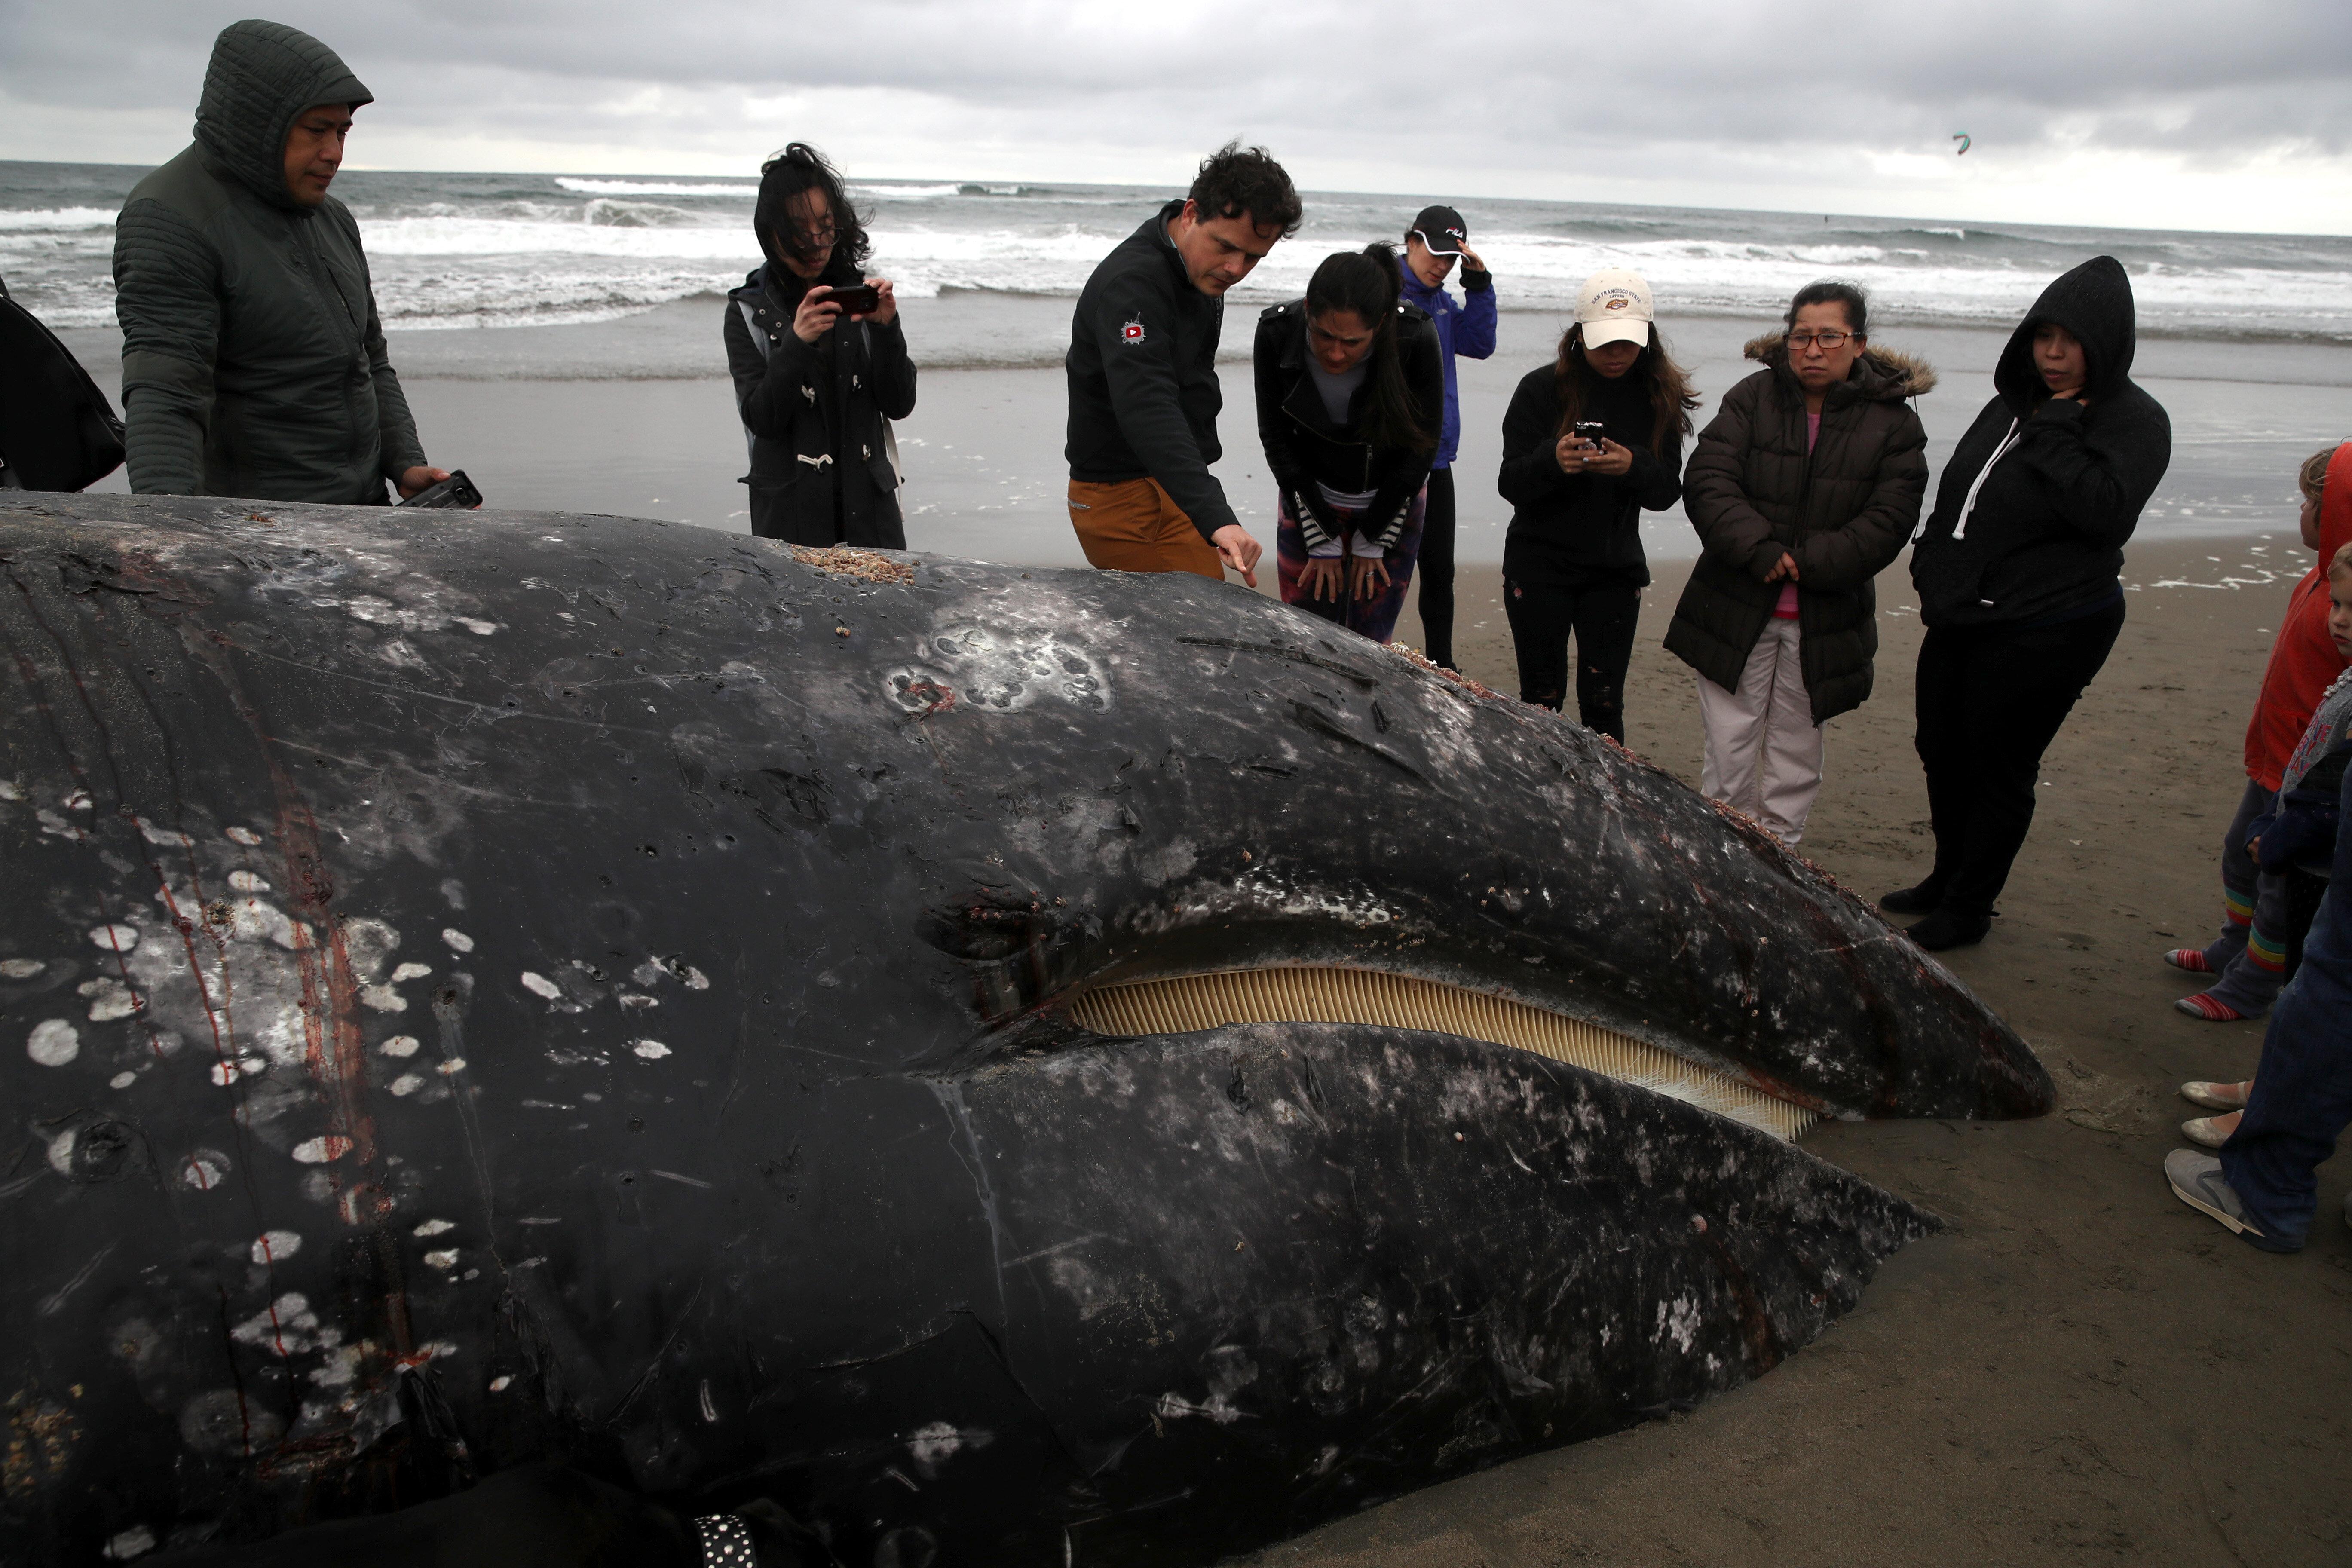 샌프란시스코에서 고래 사체가 발견되었다.